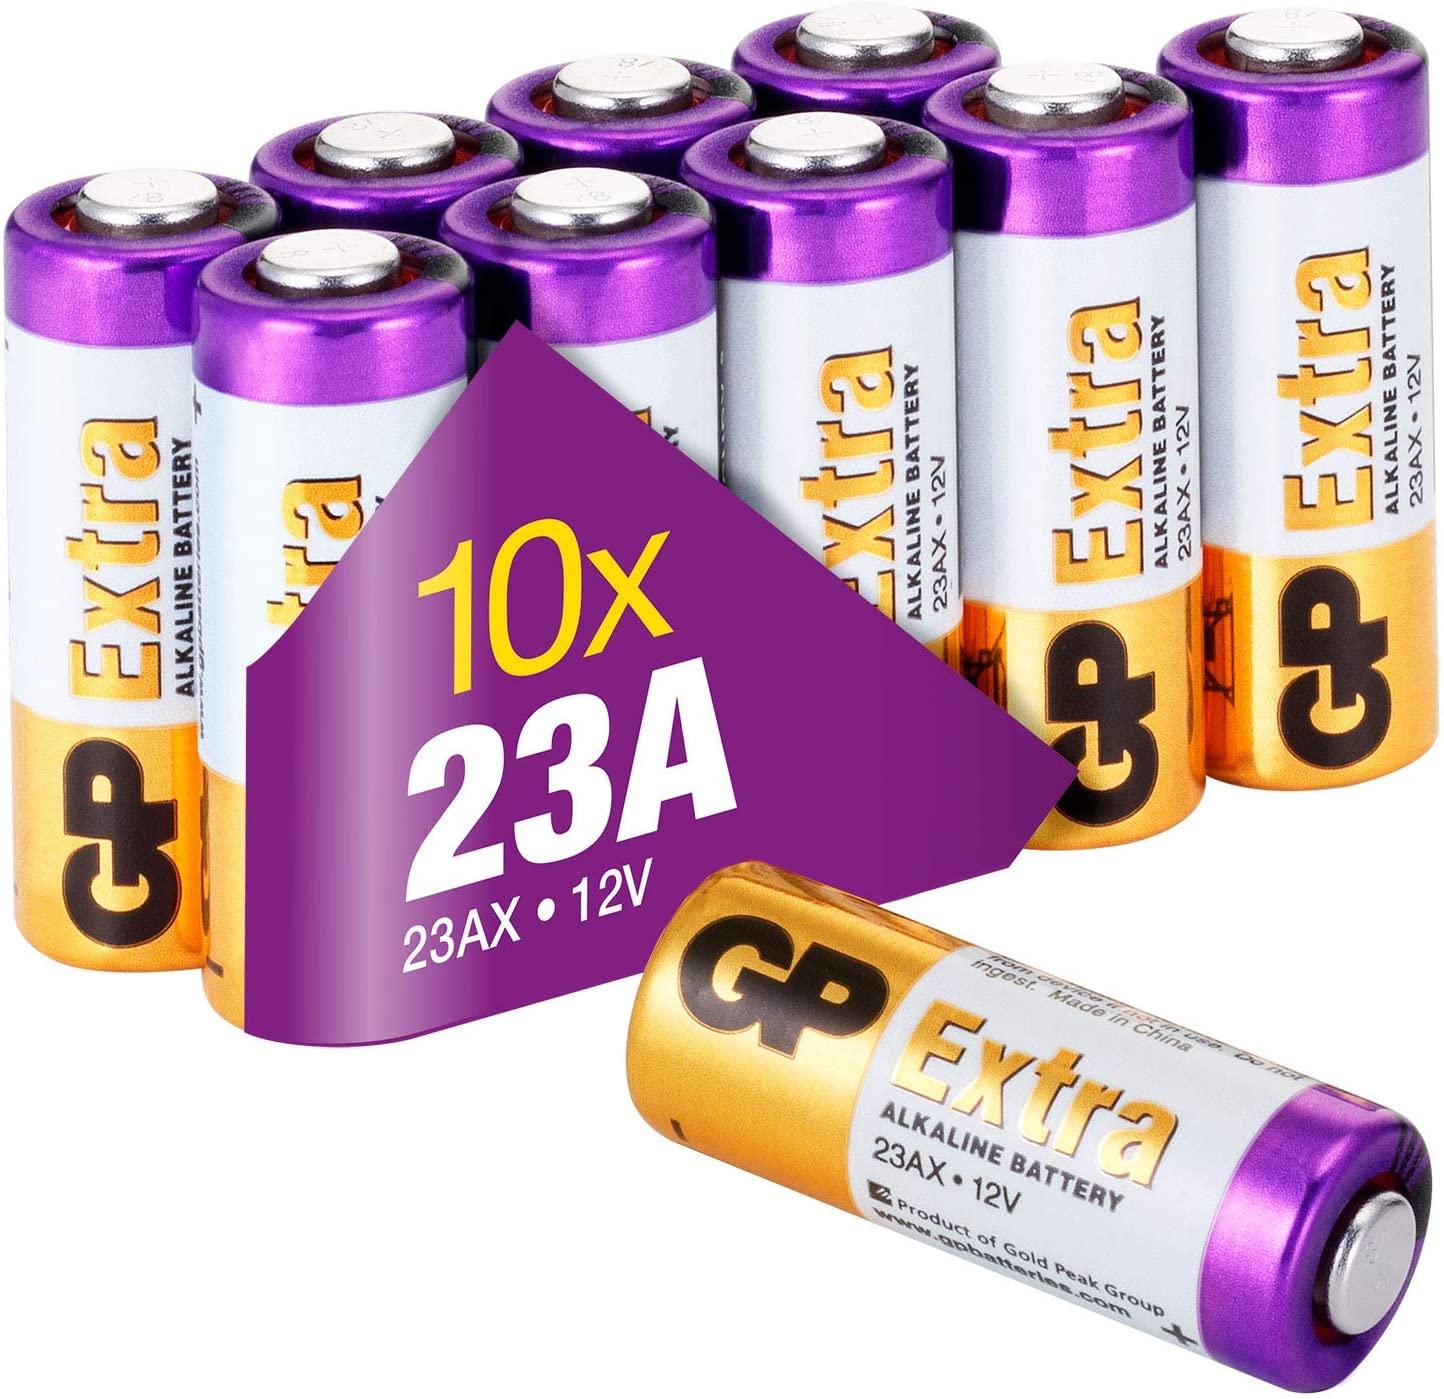 Pack 10 pilas alcalinas 23A 12v